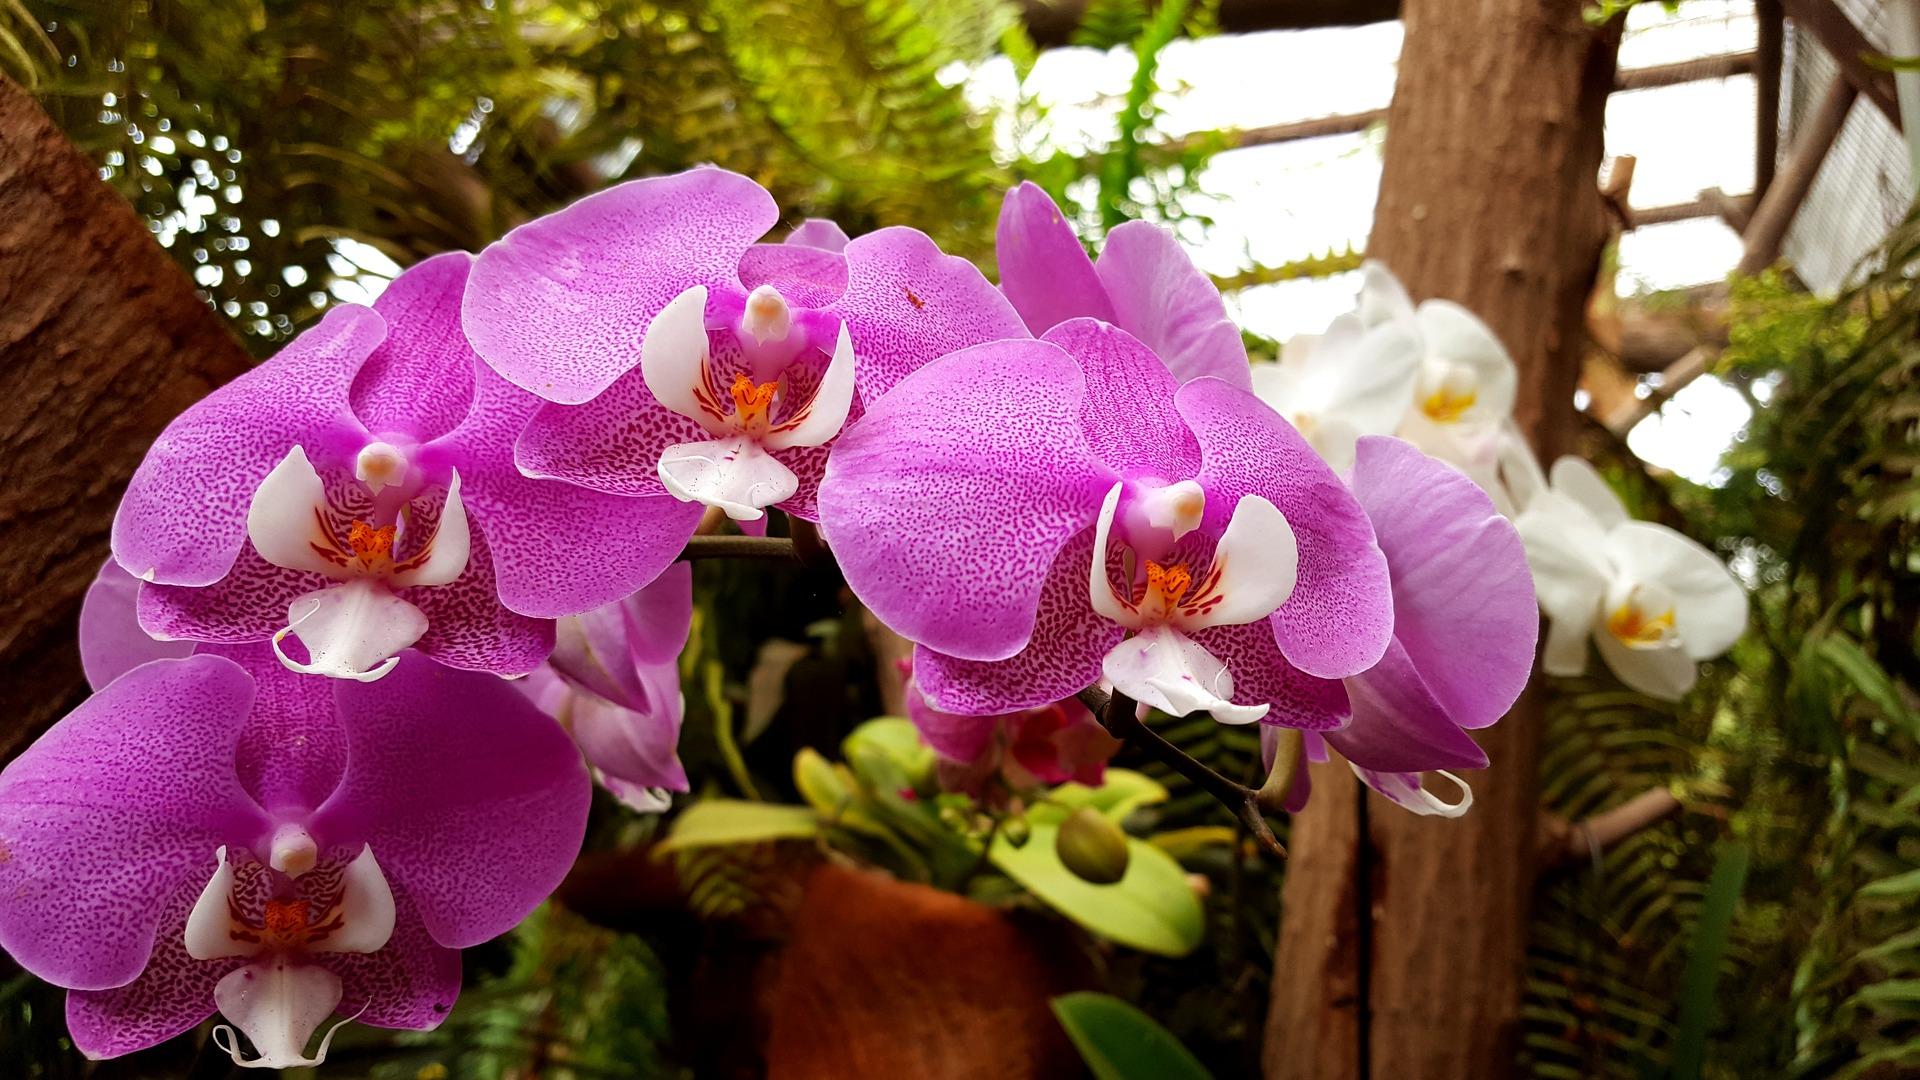 aprenda como cultivar orquiídeas